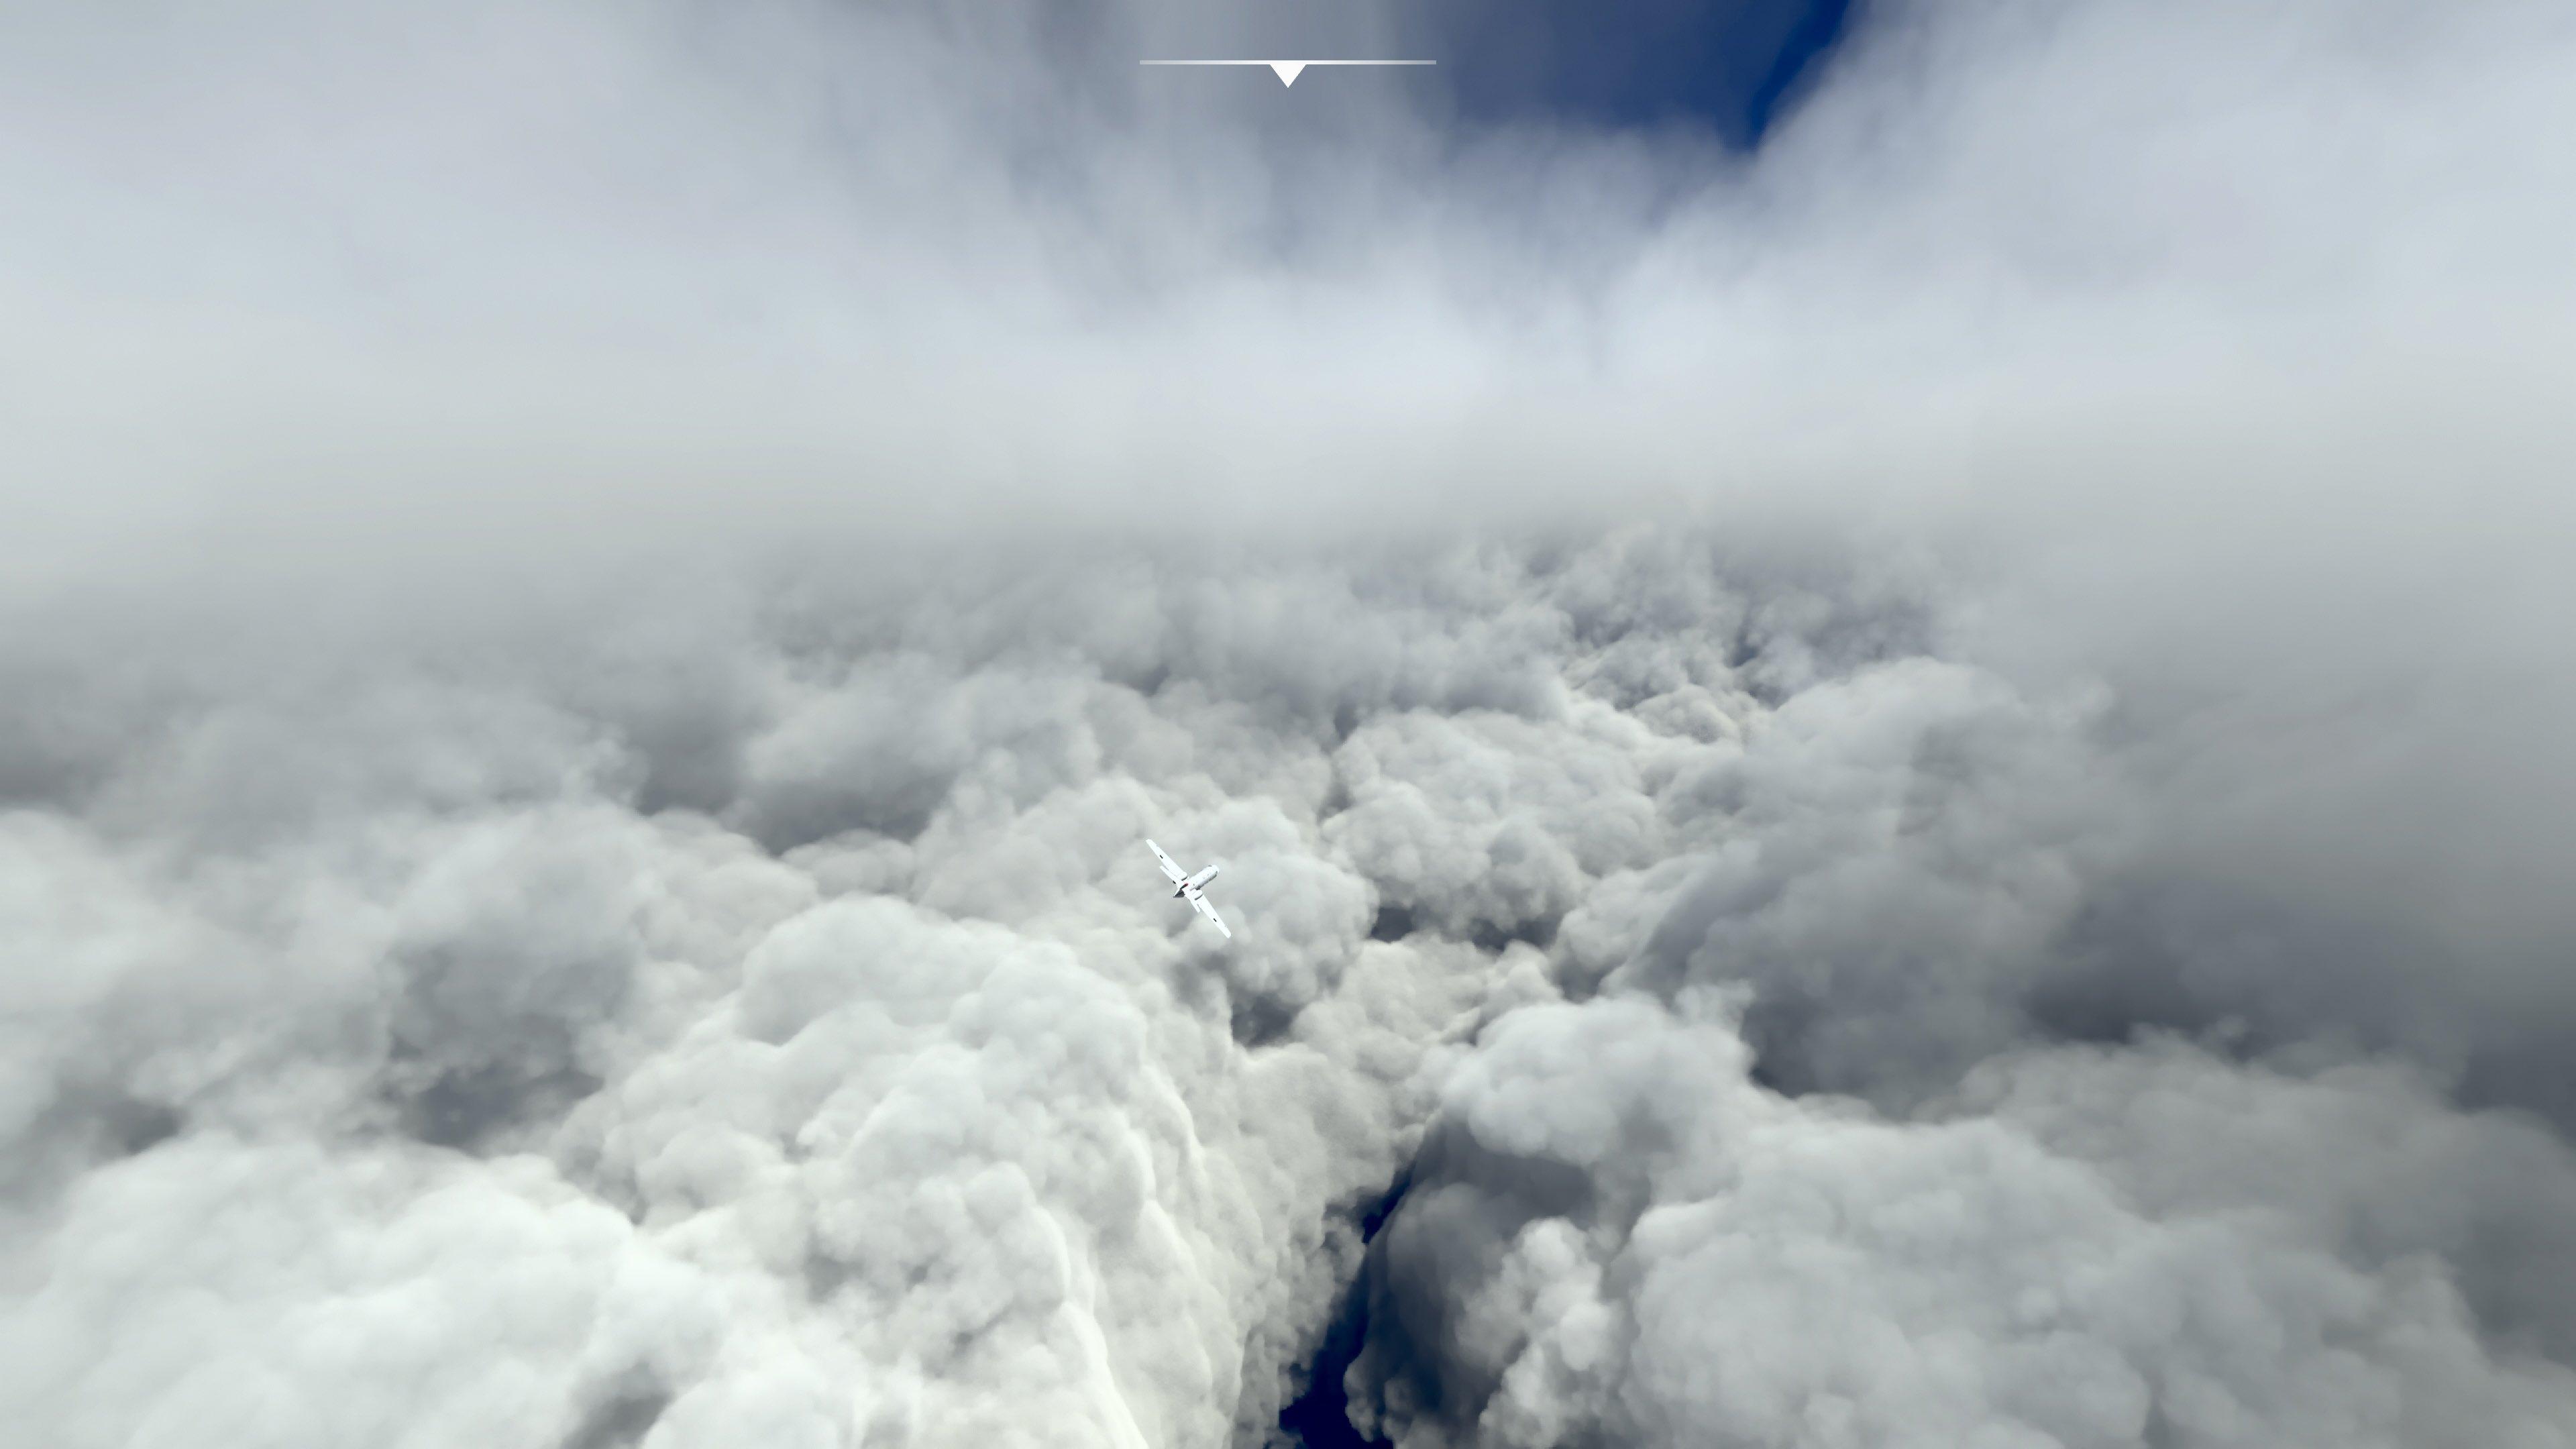 Игроки используют Microsoft Flight Simulator, чтобы летать над ураганом Ида